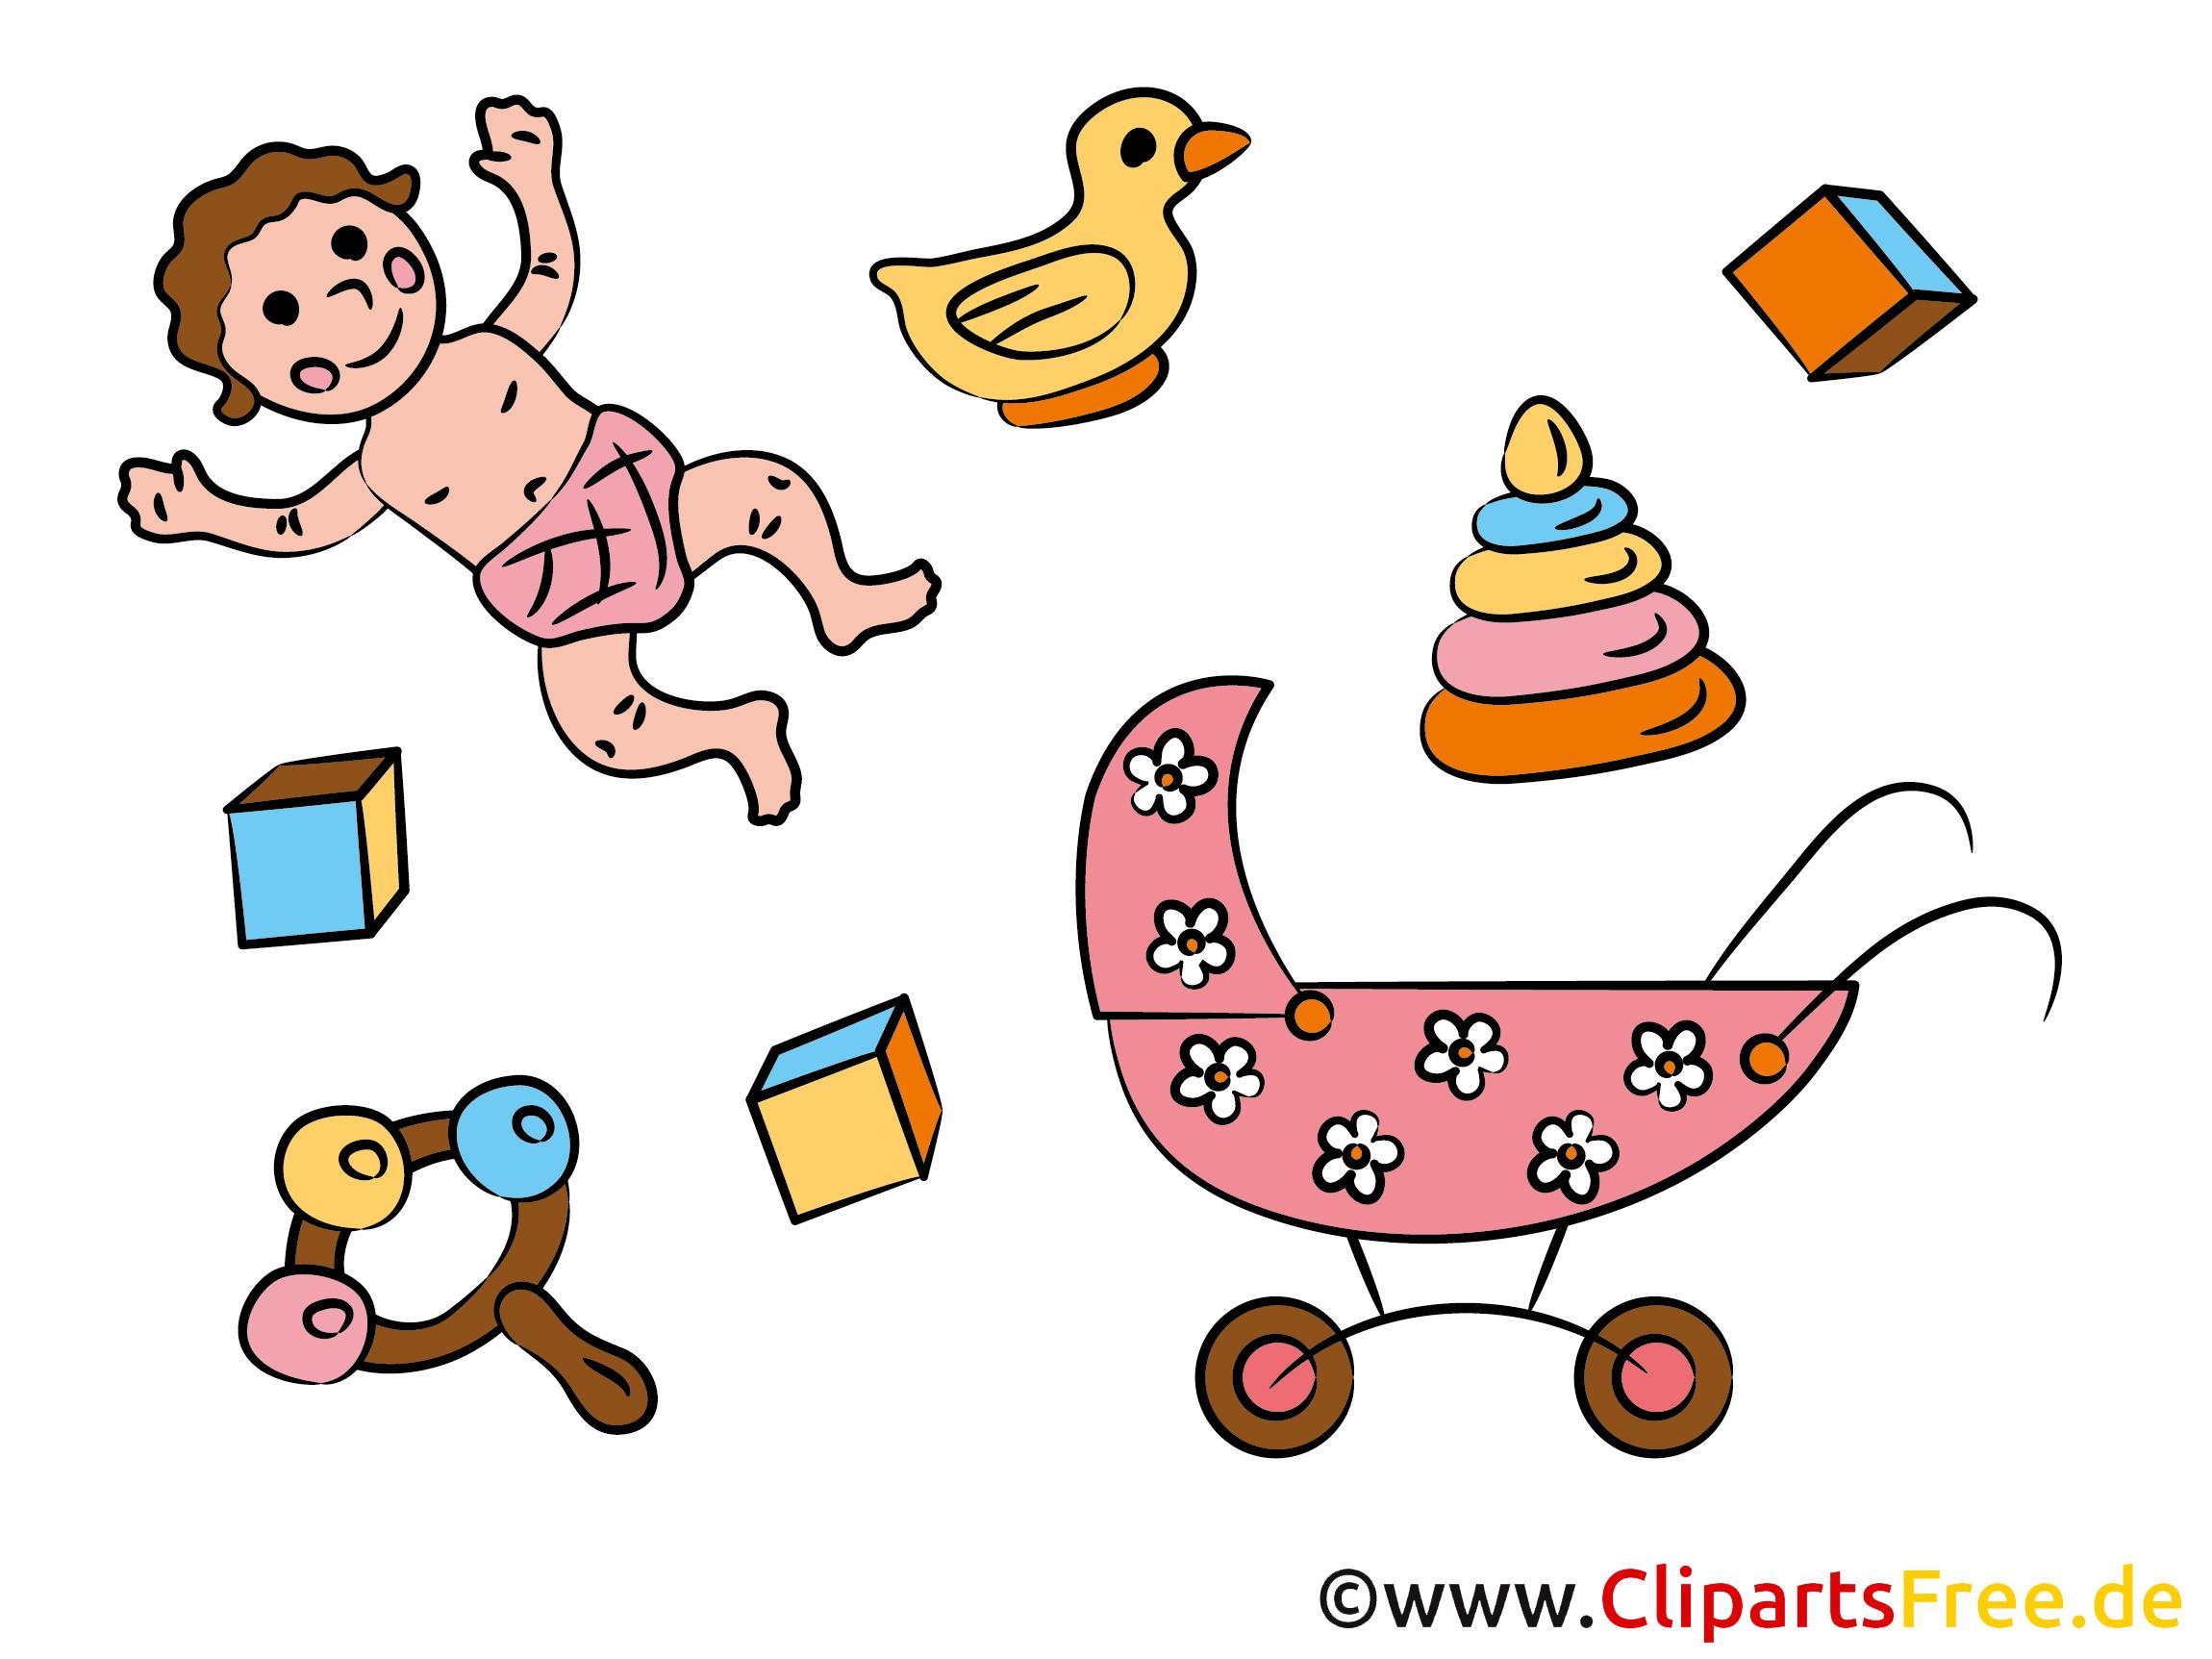 Cliparts Geburt eines Kindes